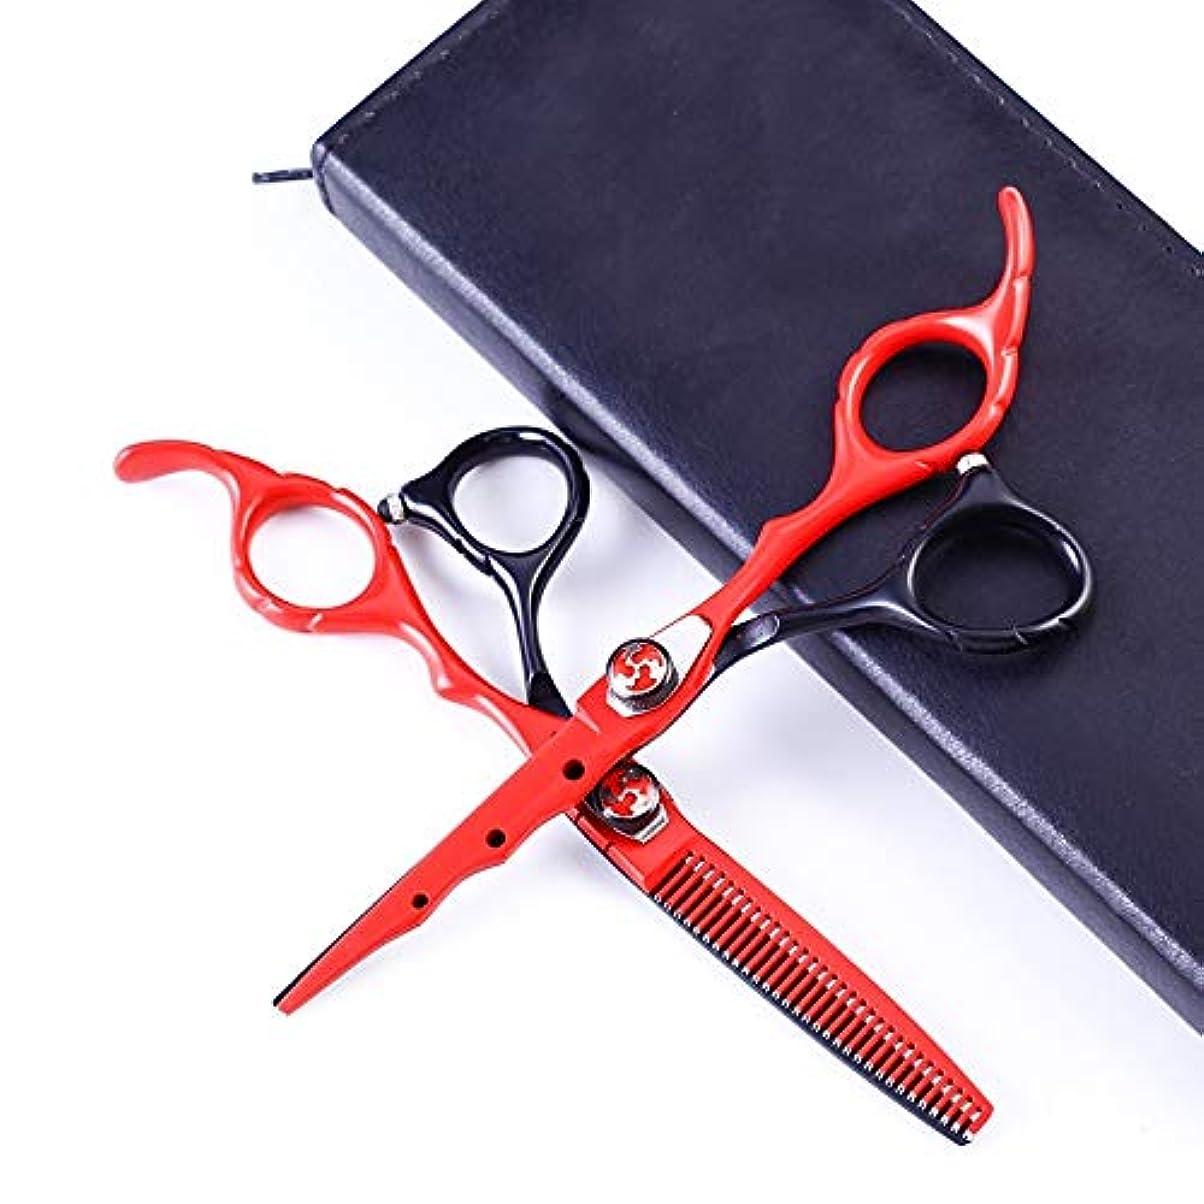 風邪をひく原油精算Jiaoran ヘアカットはさみキットプロフェッショナル6.0インチブラックシアーセットトリミング&カッティングステンレススチールヘアカットシアー (Color : Black+red)